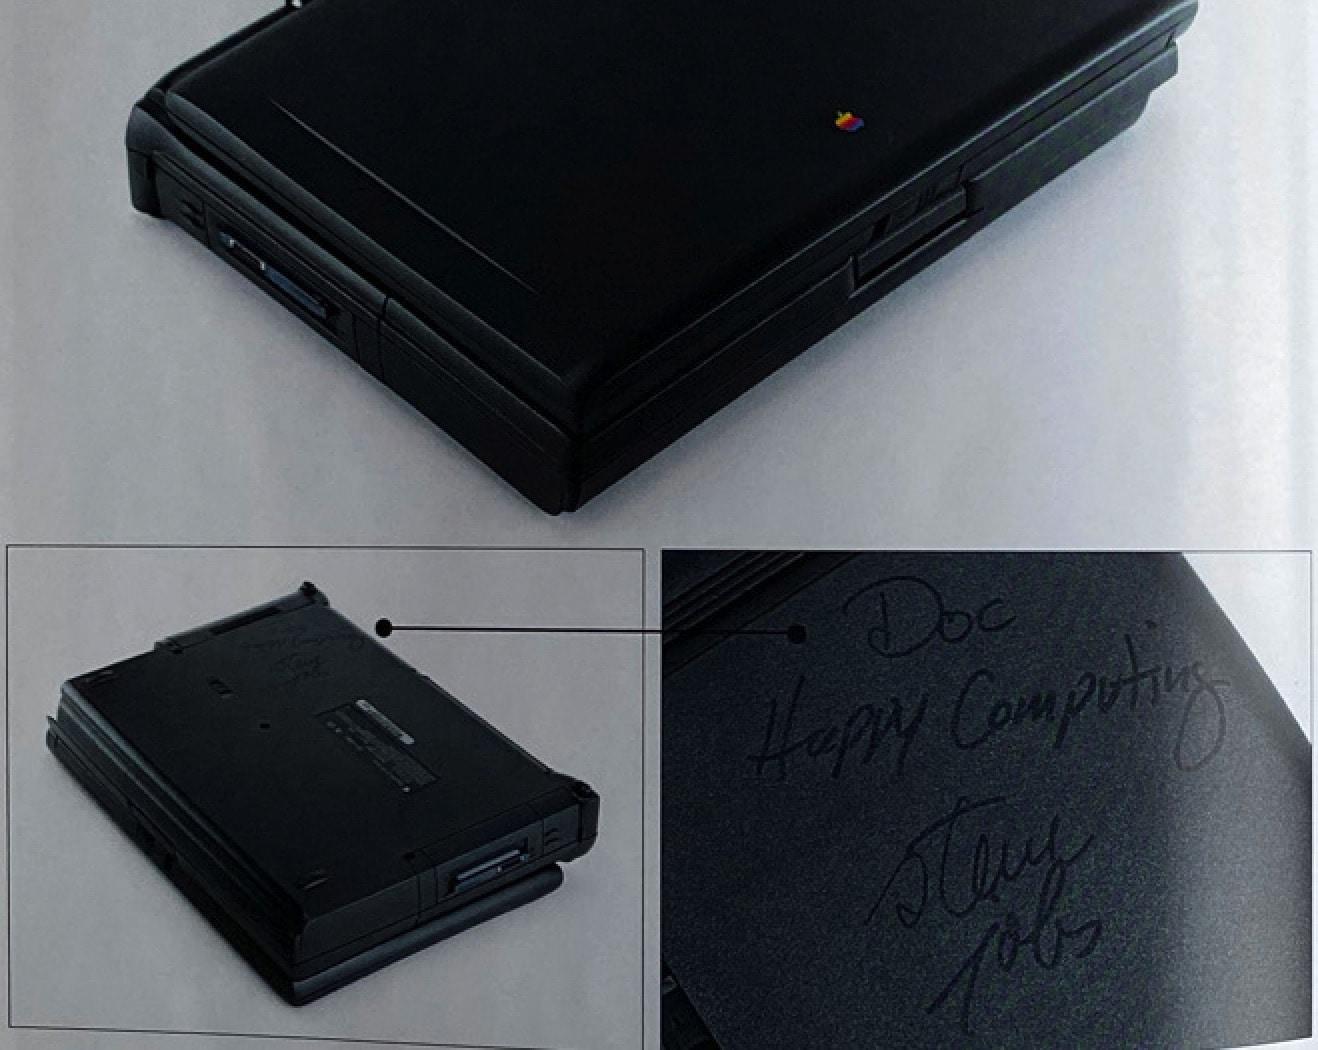 Steve Jobs laptop signed